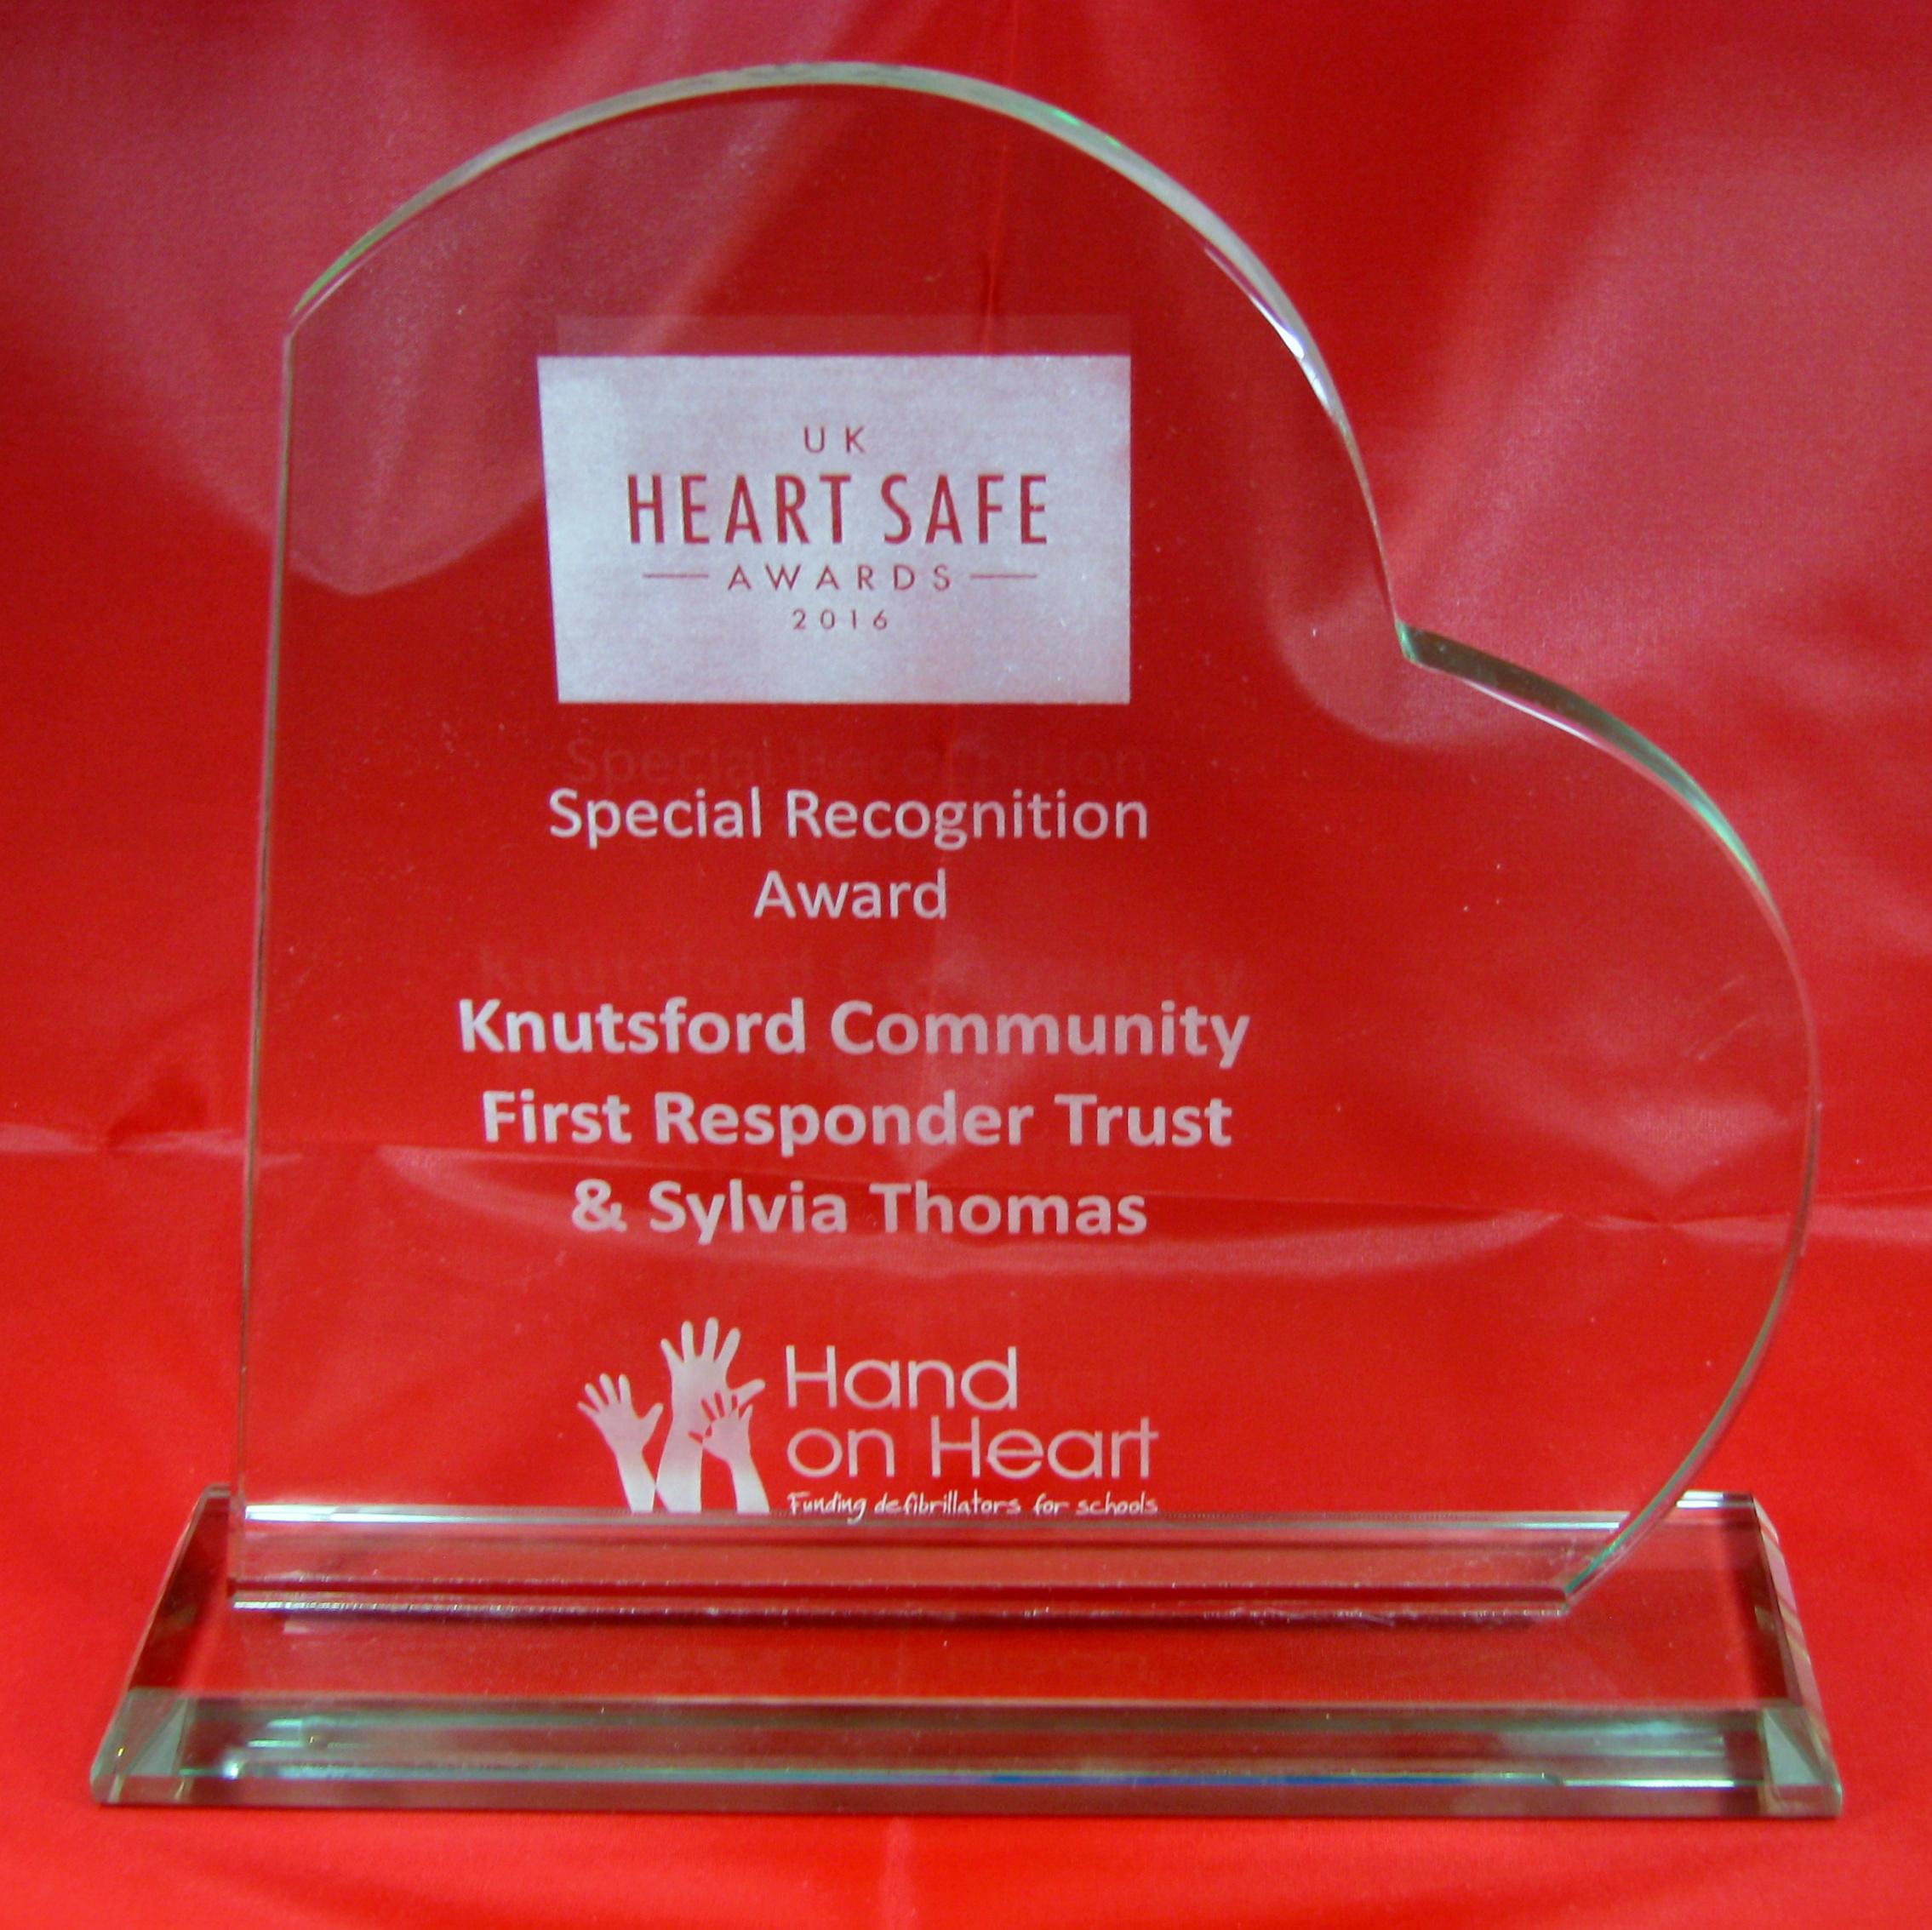 heart-safe-award-2016-3